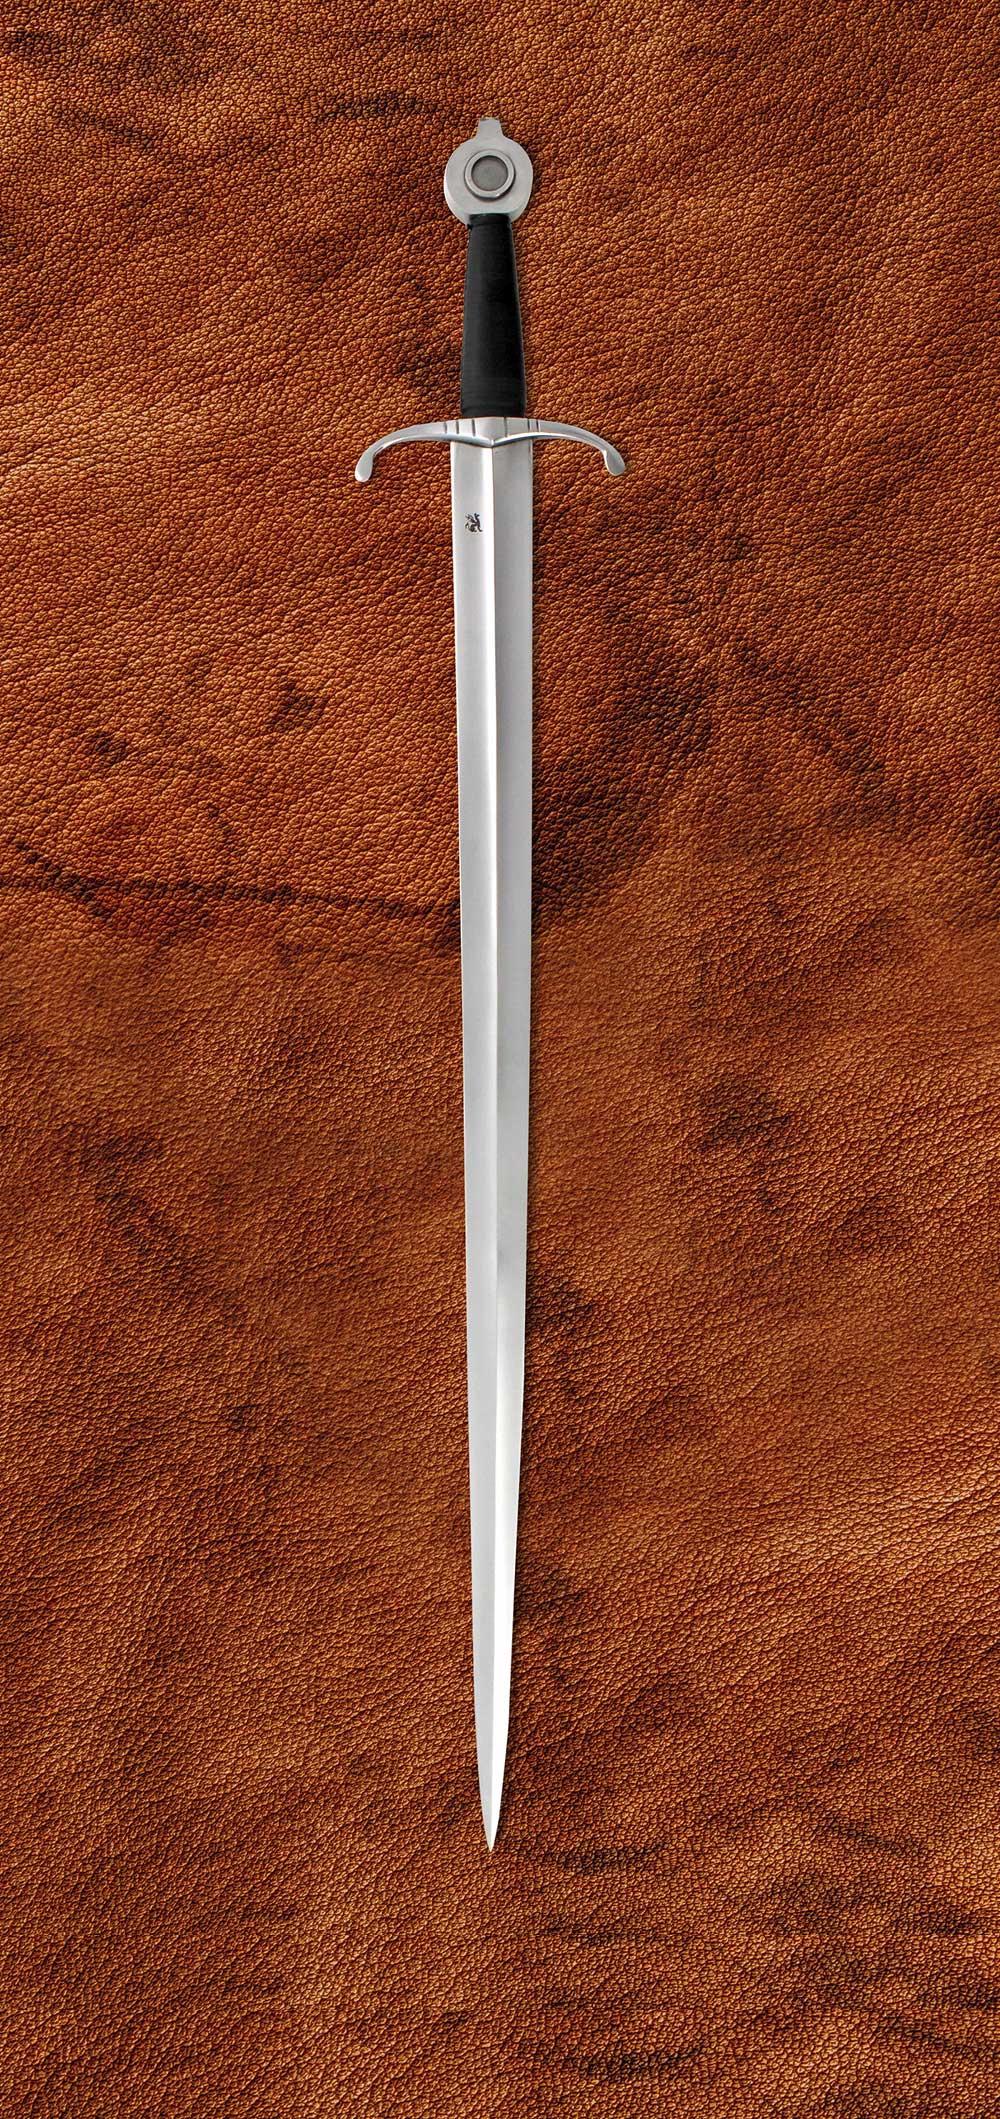 henry-v-medieval-sword-1325